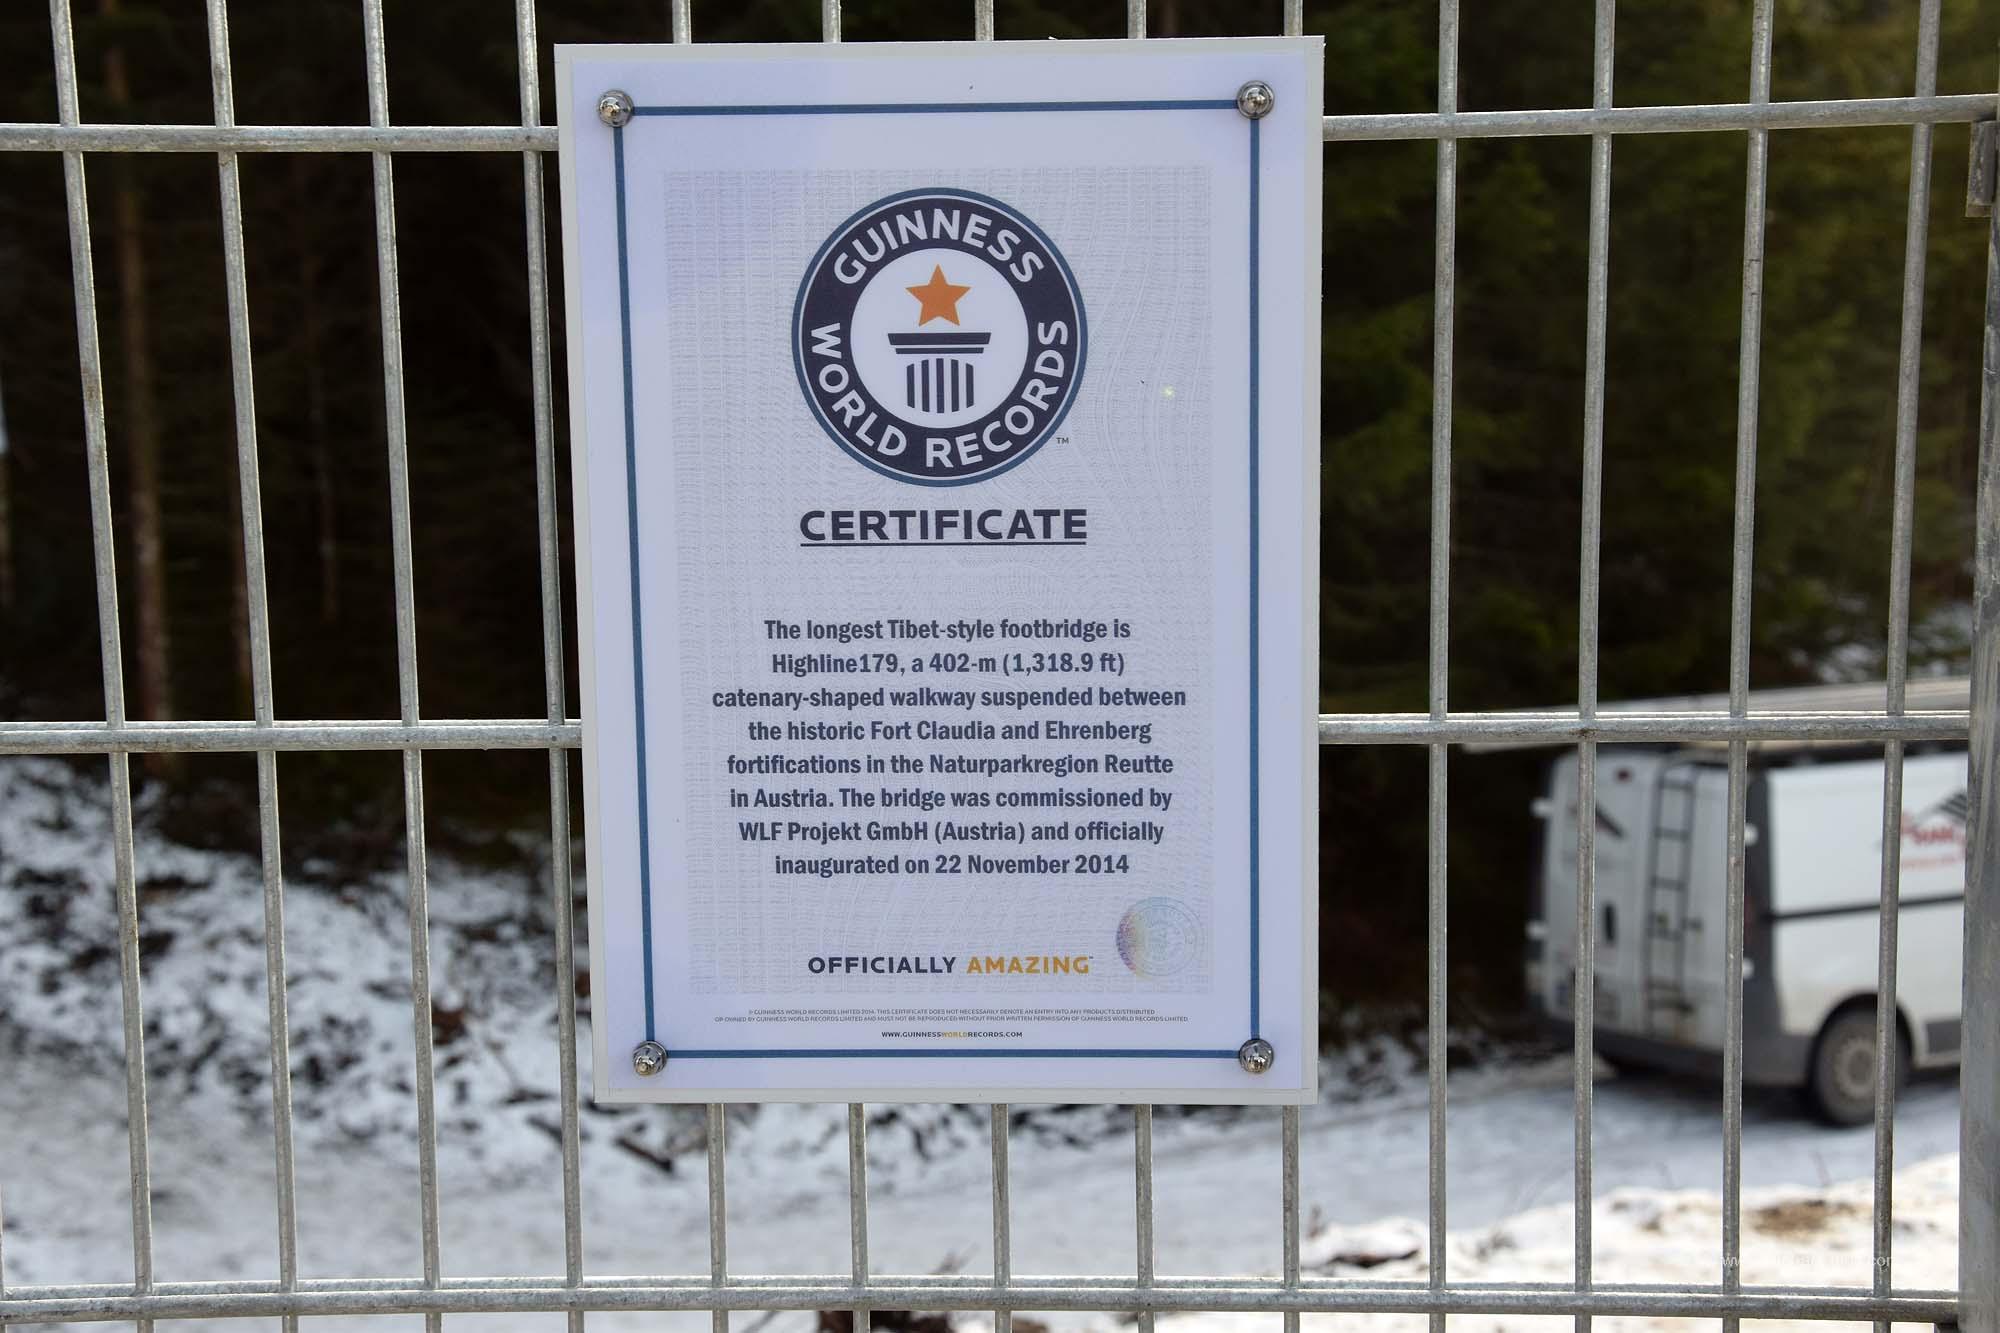 Auszeichnung vom Guinnessbuch